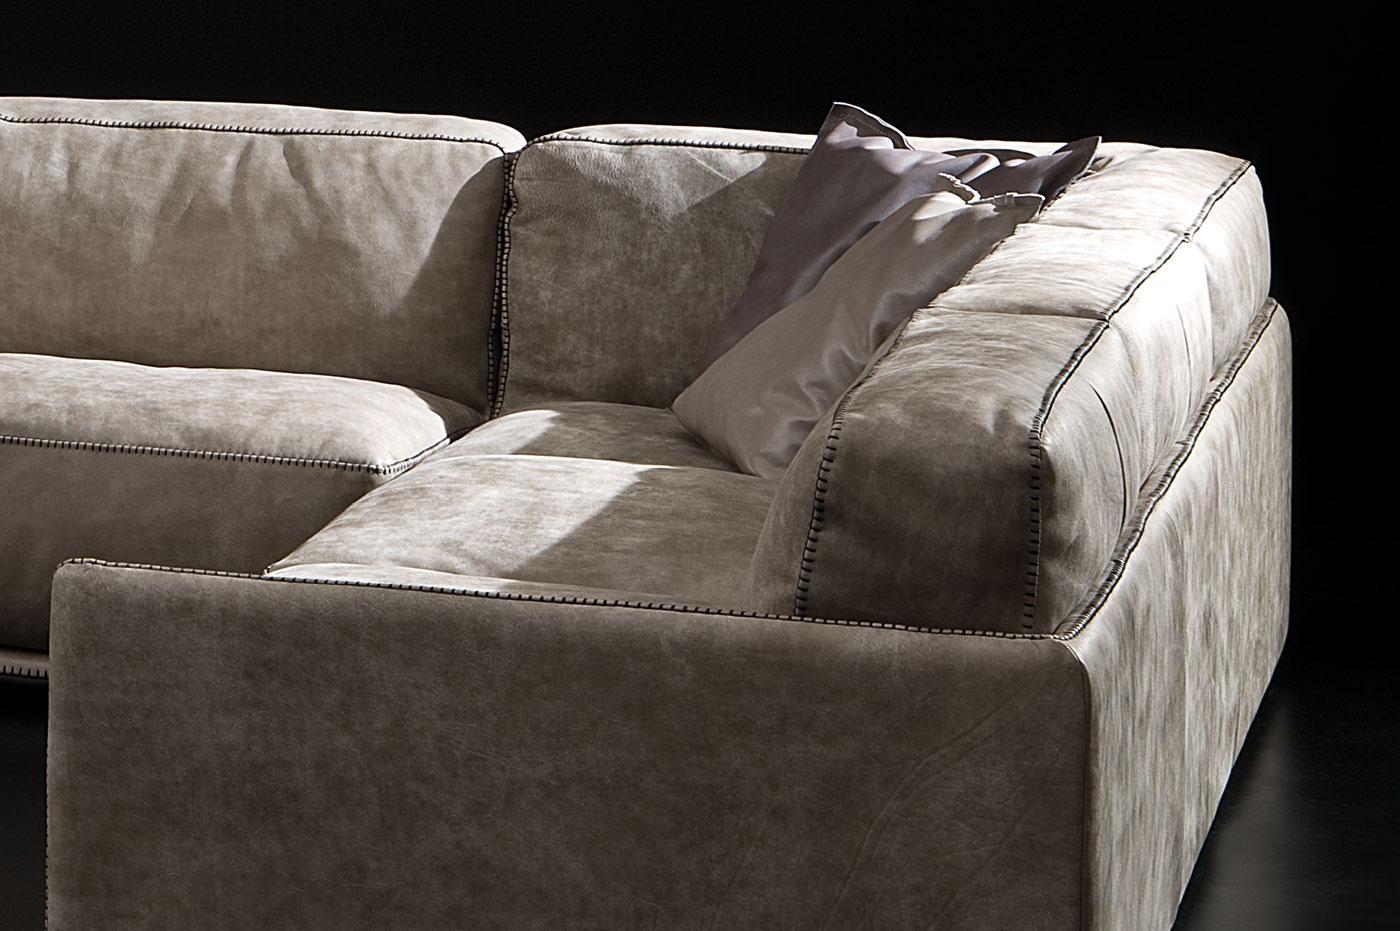 Border divano in pelle ad angolo italy dream design - Divano ad angolo in pelle ...